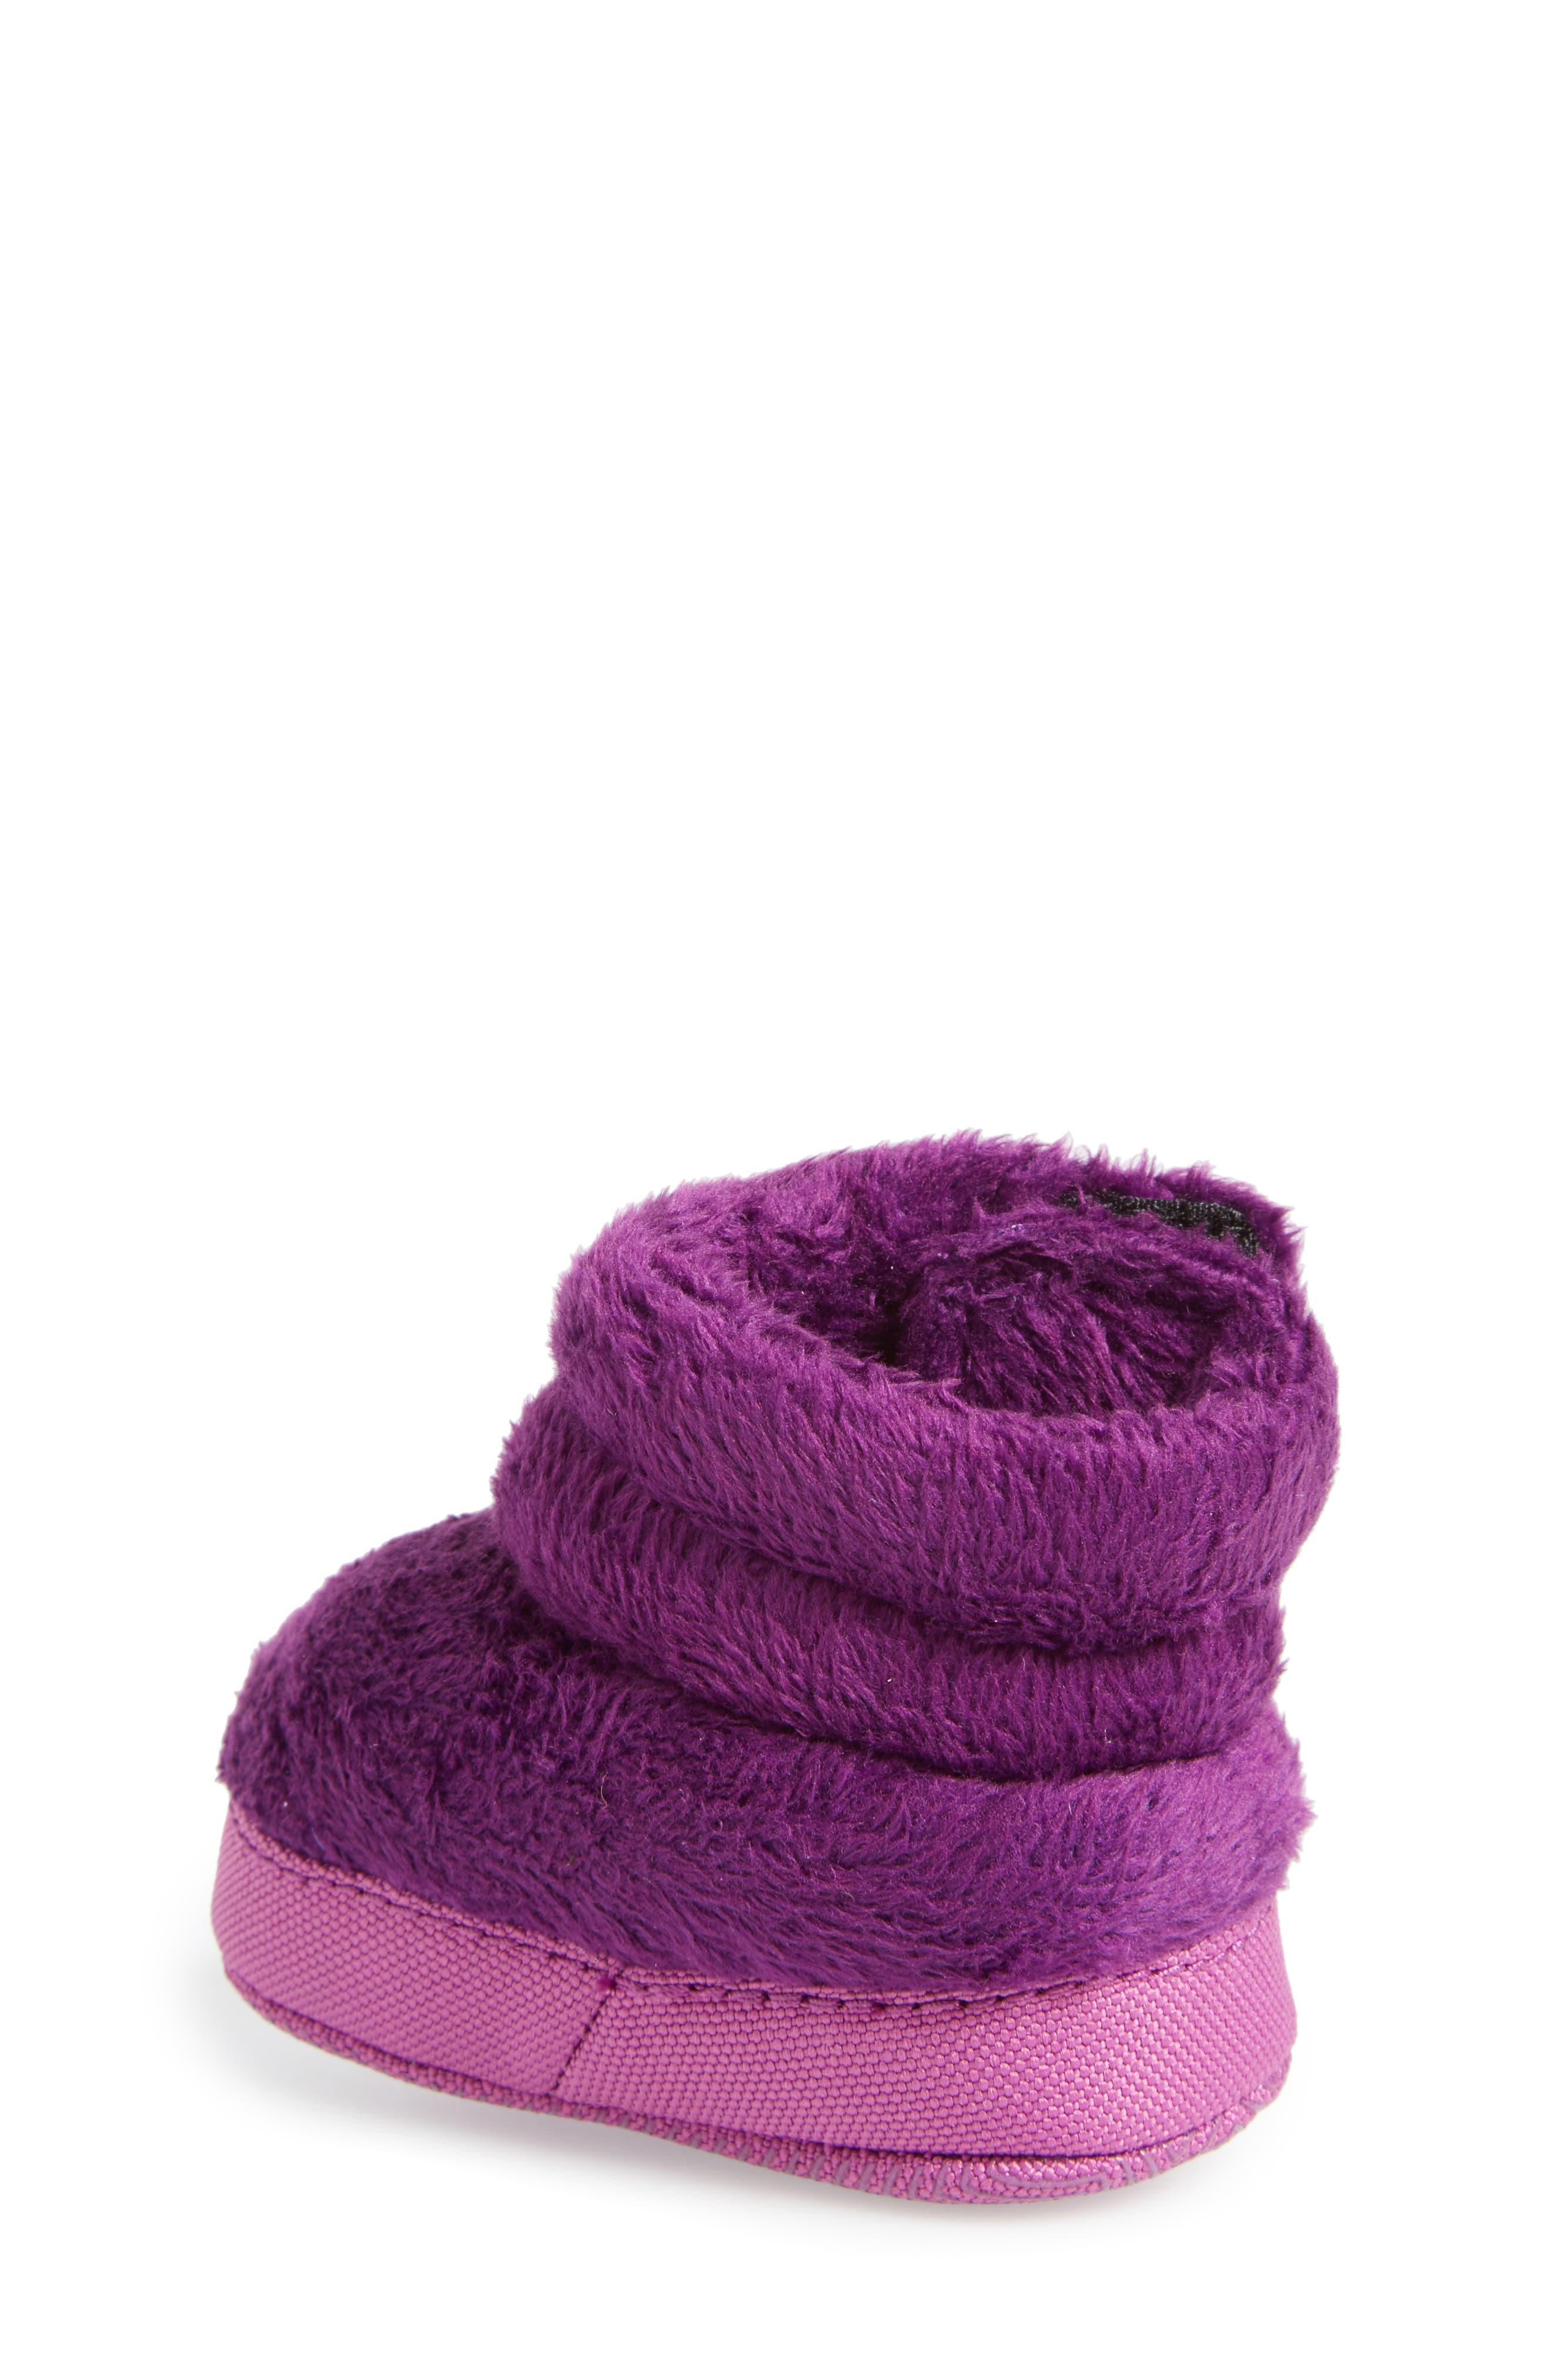 Faux Fur Bootie,                             Alternate thumbnail 2, color,                             Wood Violet